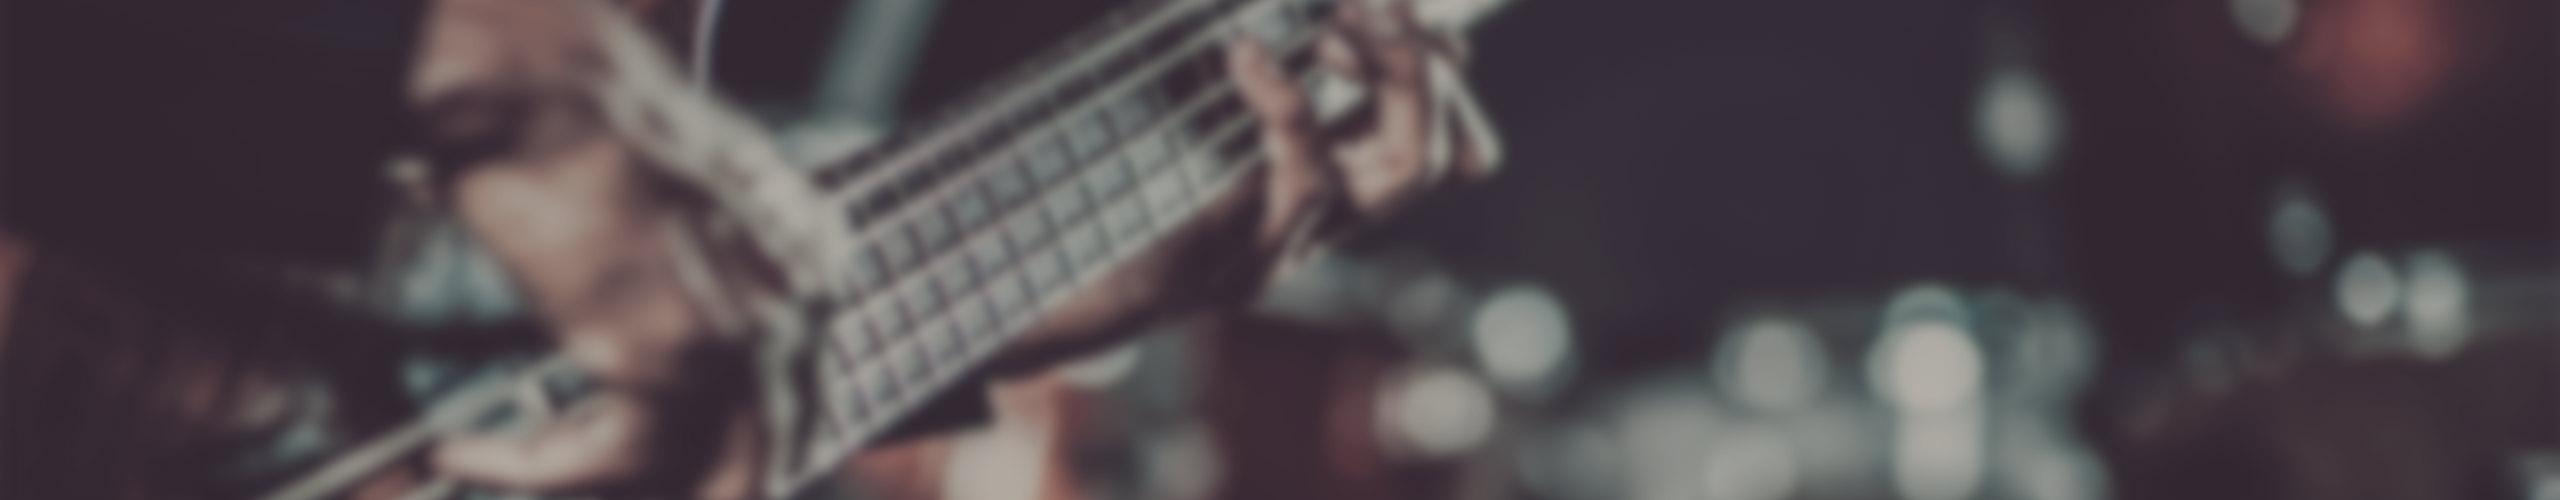 oberhausen-rockt-gitarre